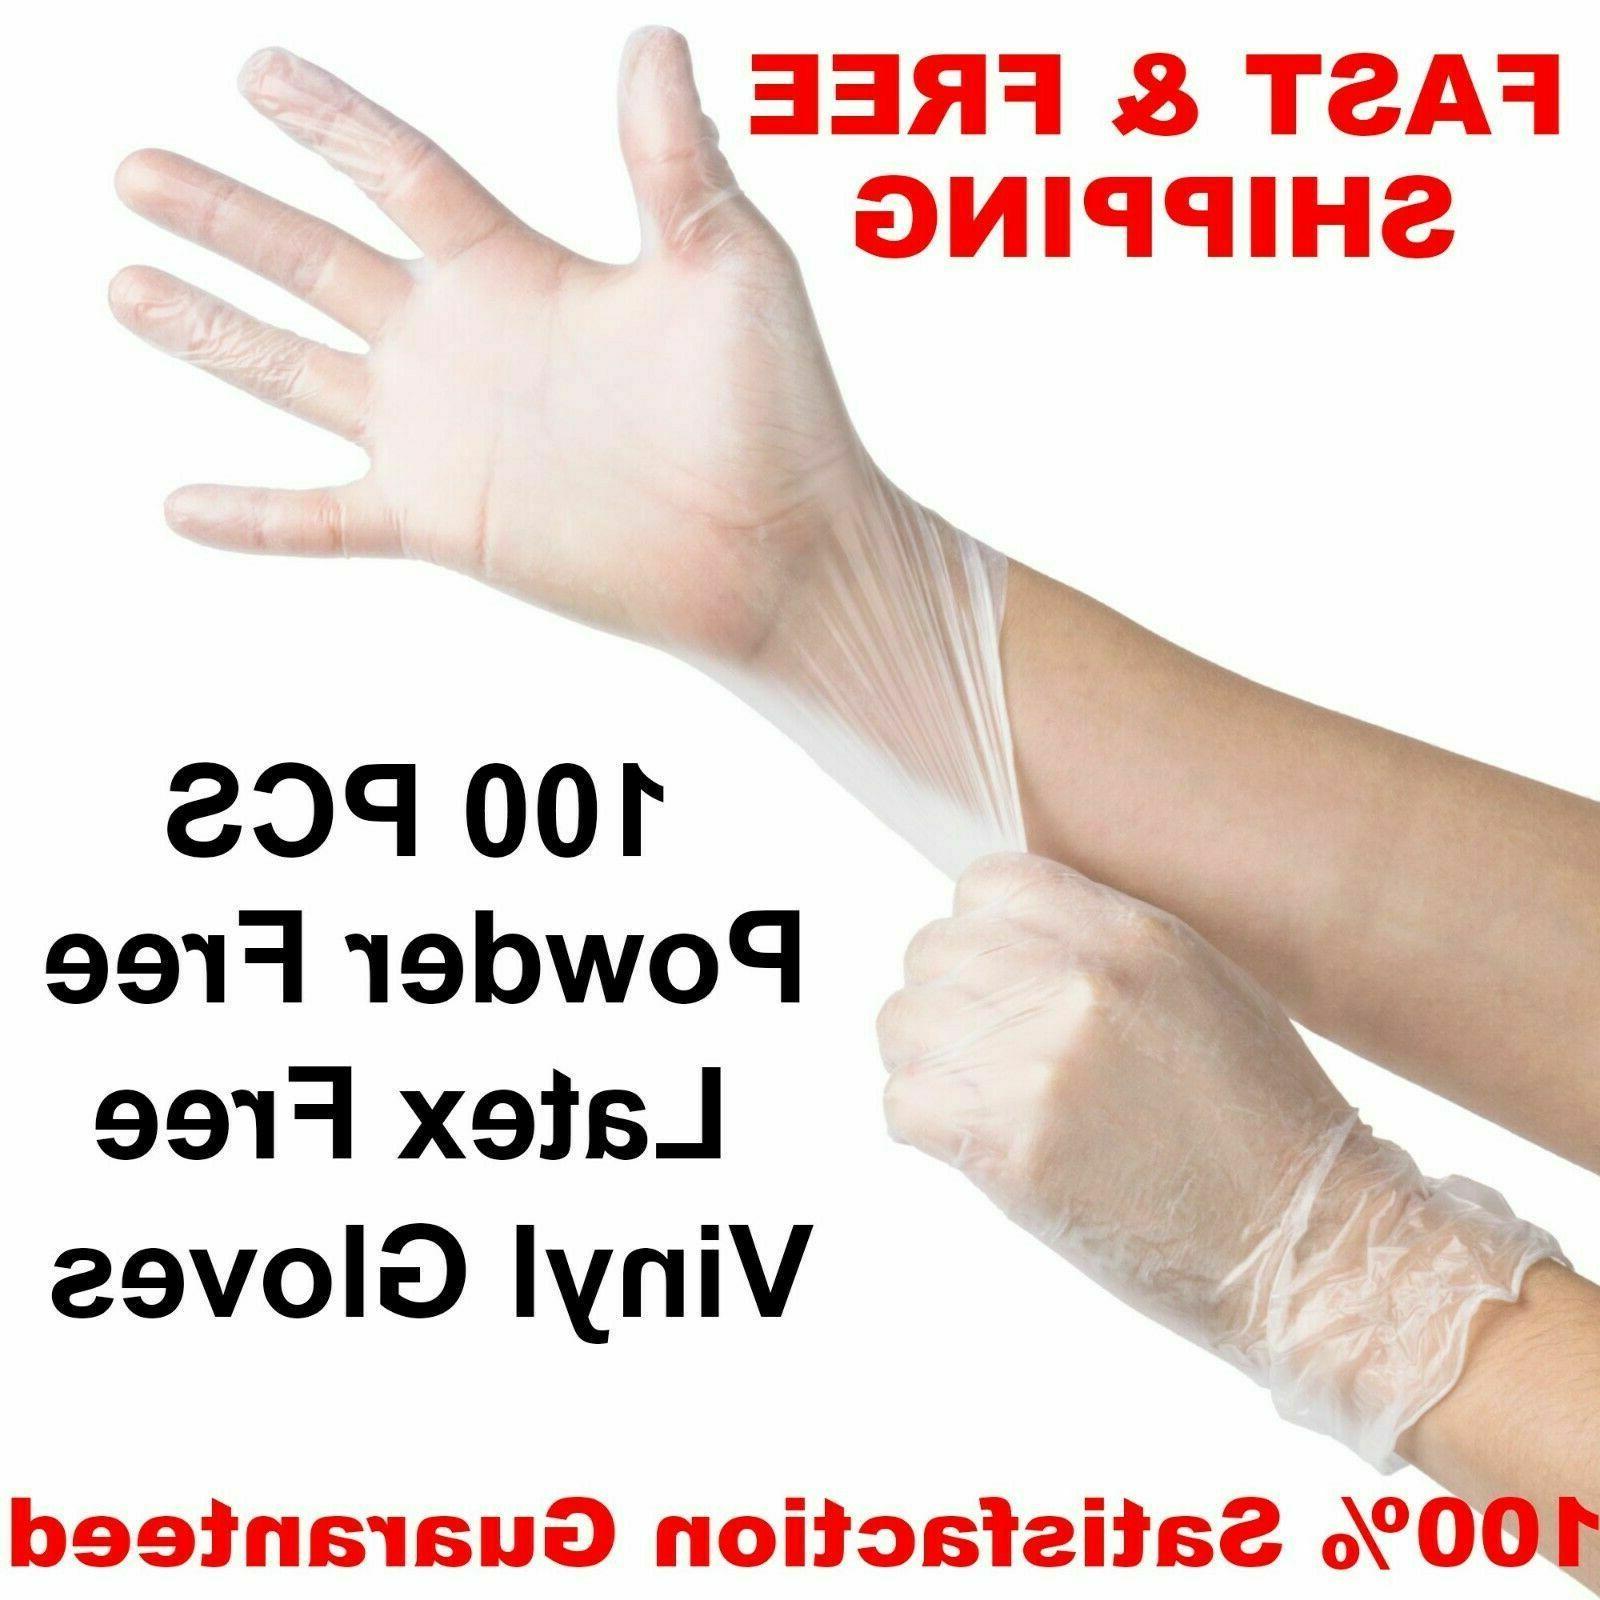 100 medium vinyl gloves food grade deli